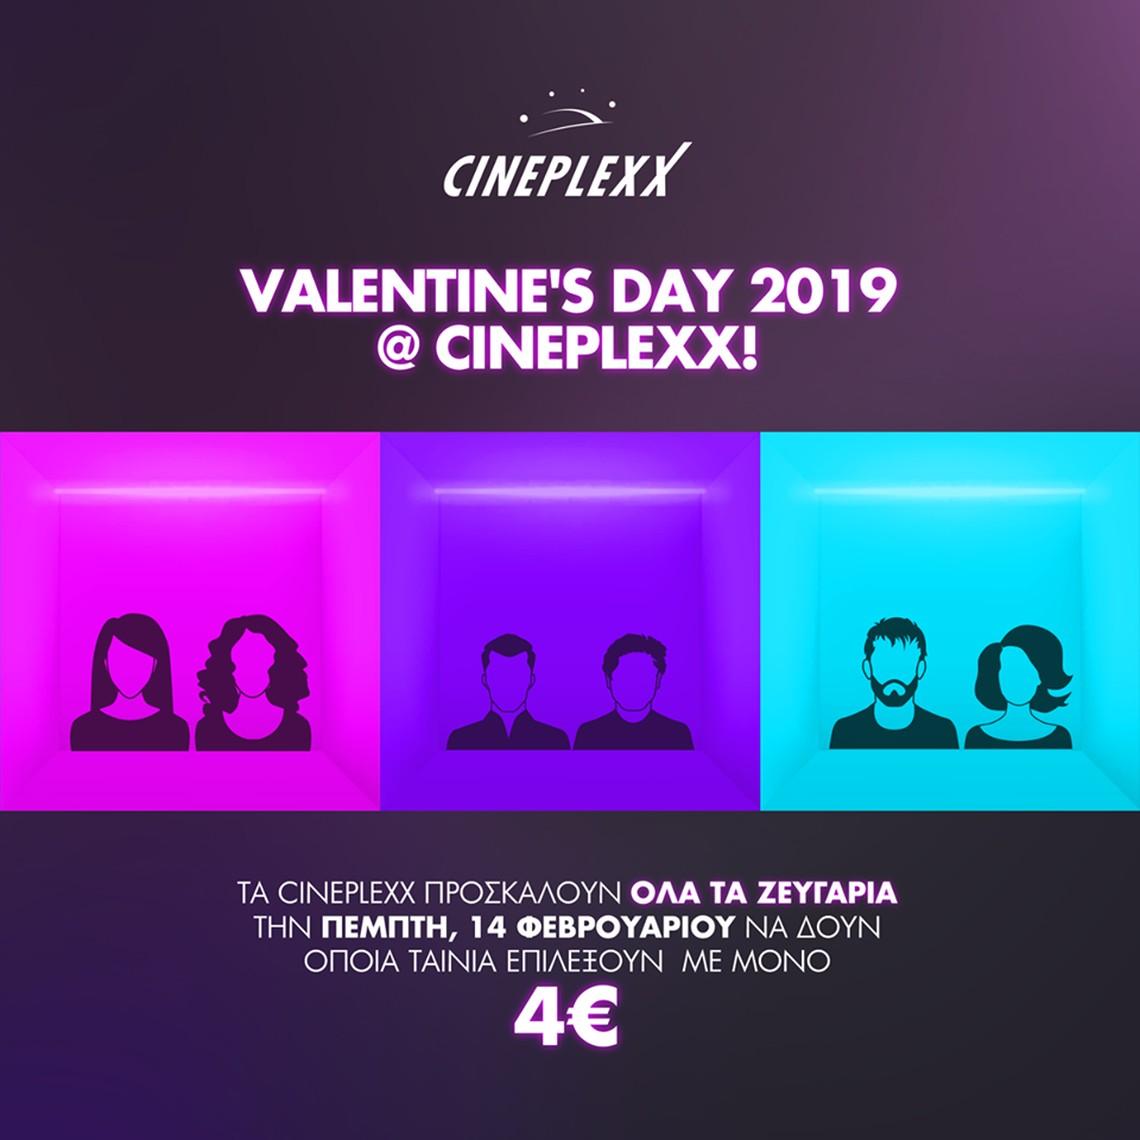 VALENTINE'S DAY 2019 @ CINEPLEXX, ONE SALONICA